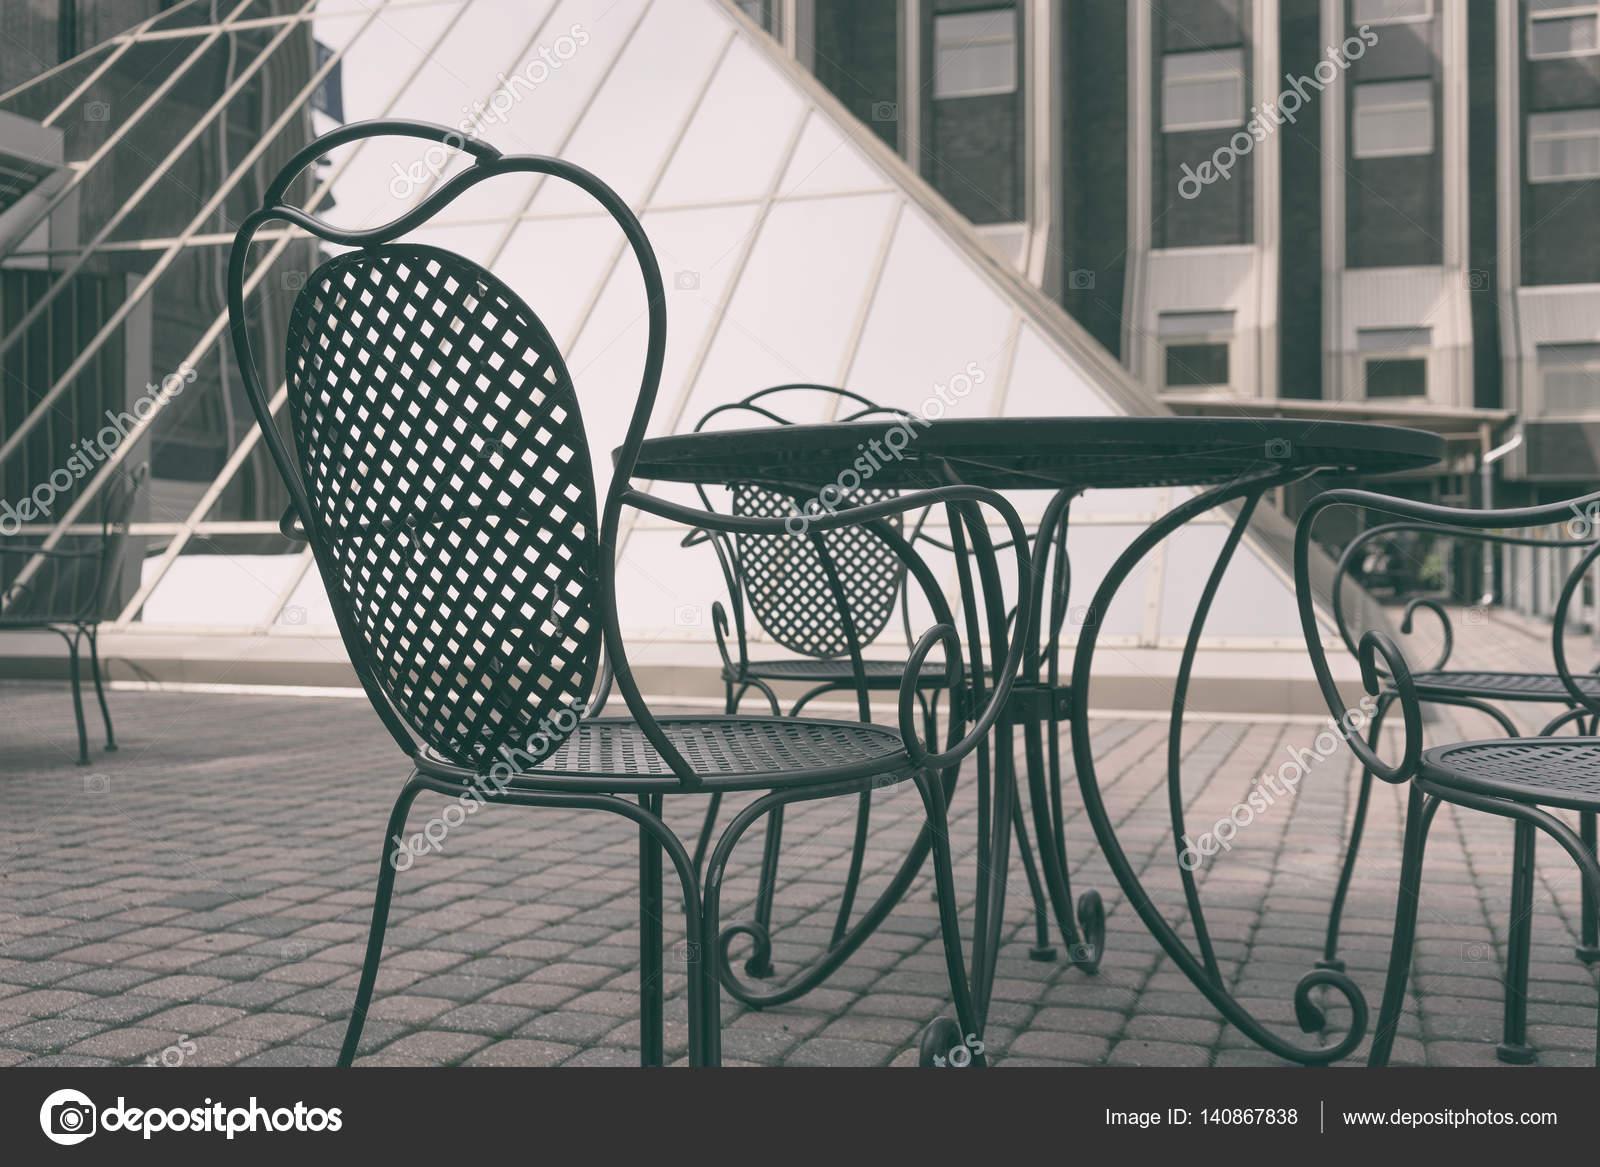 Sedie Depoca : Sedie depoca in cortile u2014 foto stock © victor dva #140867838